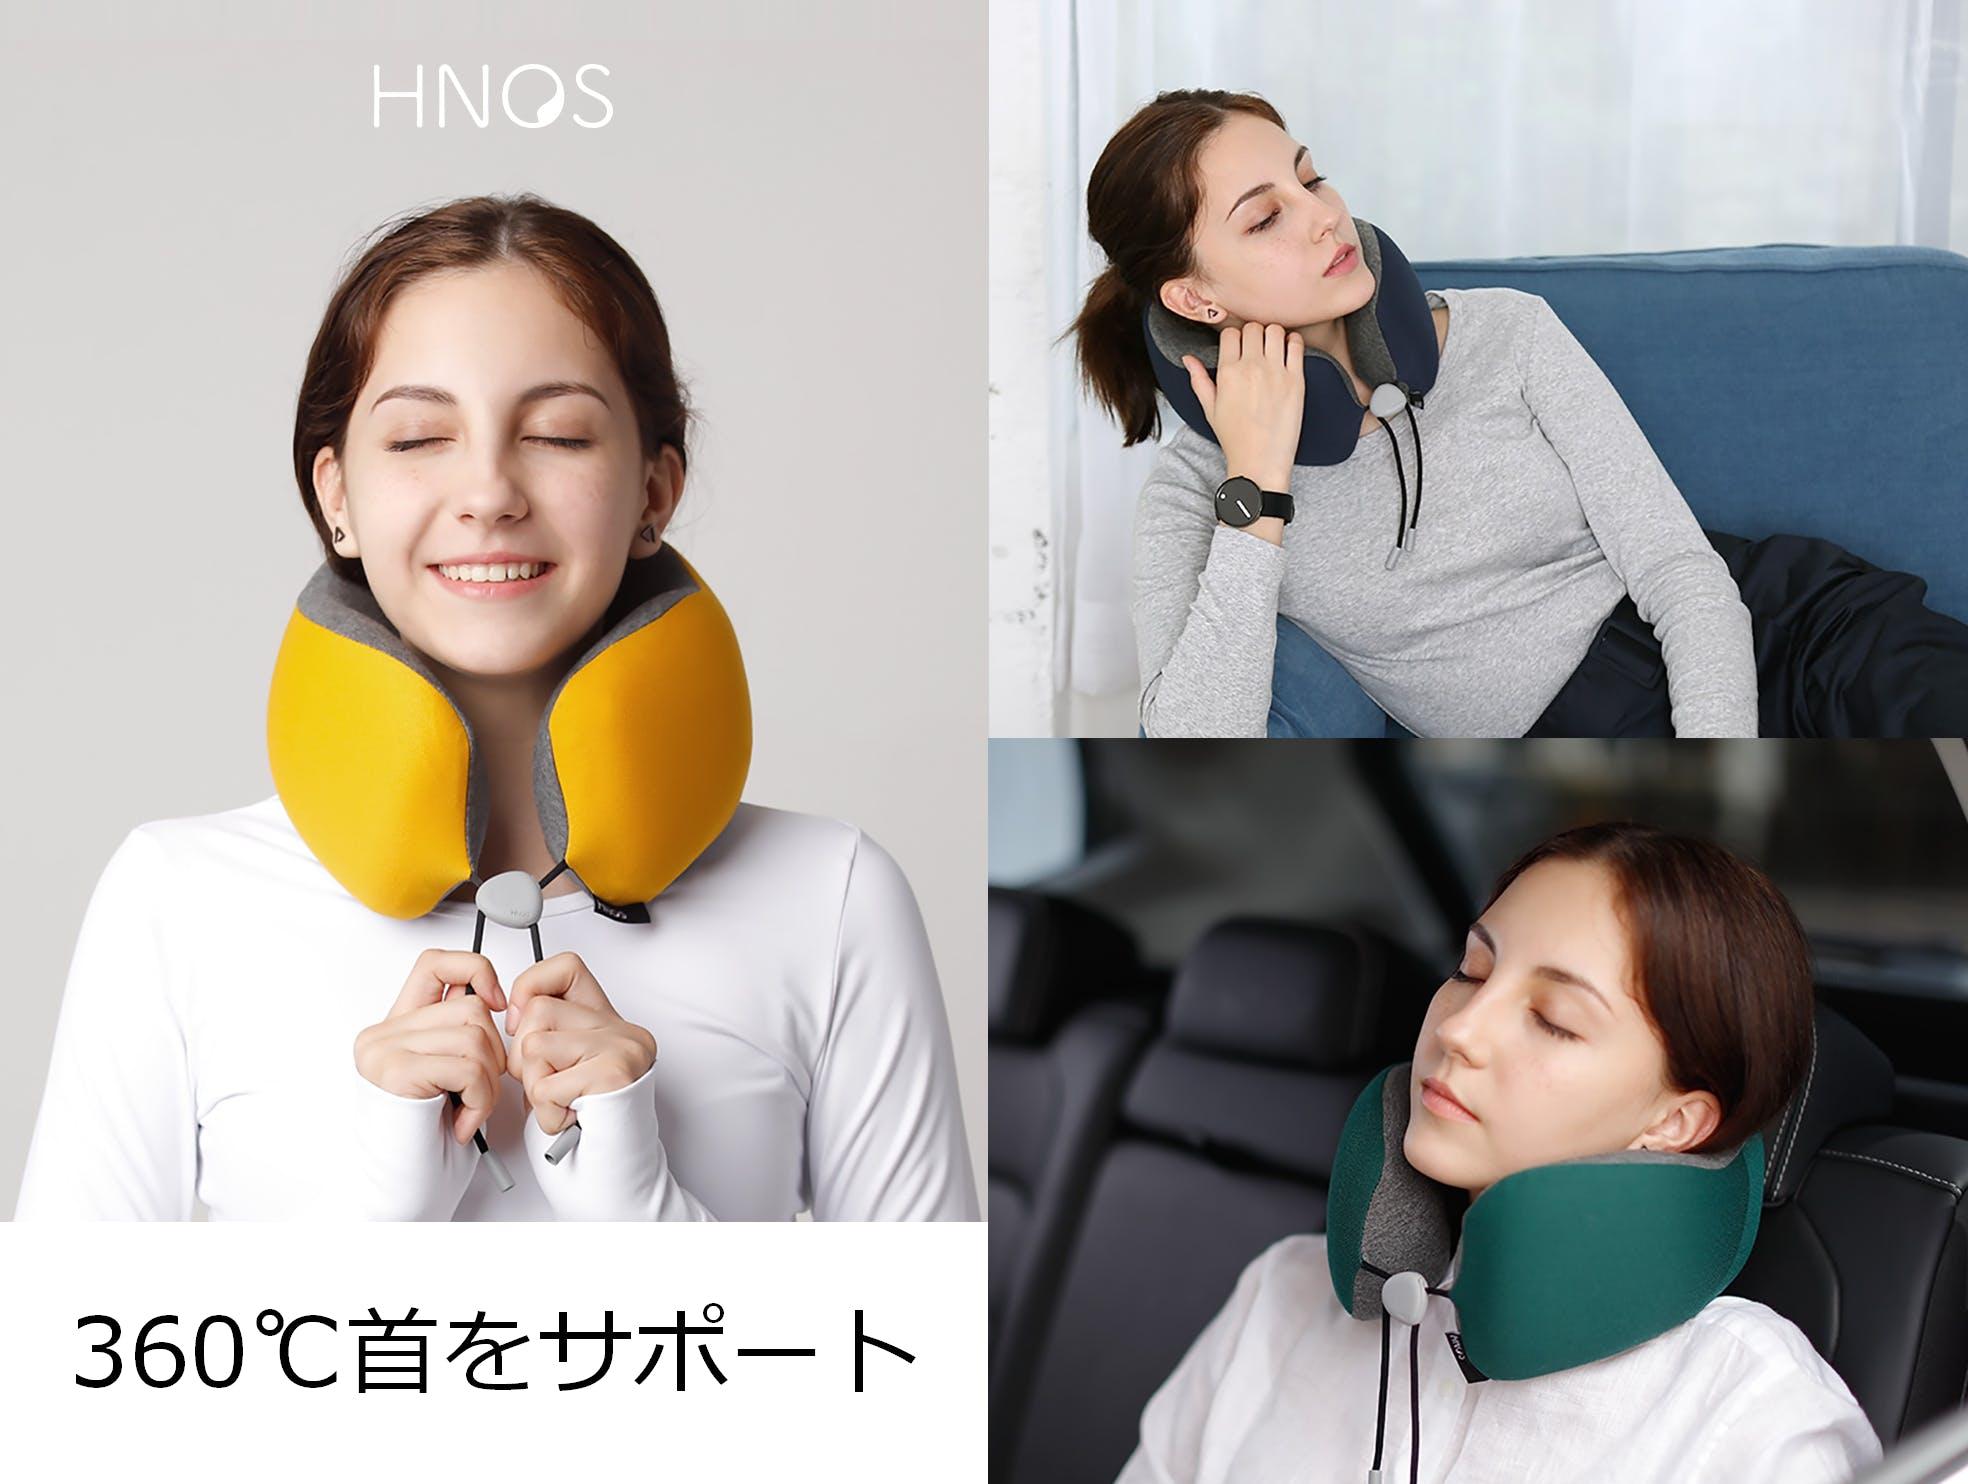 Hnos13.png?ixlib=rails 2.1